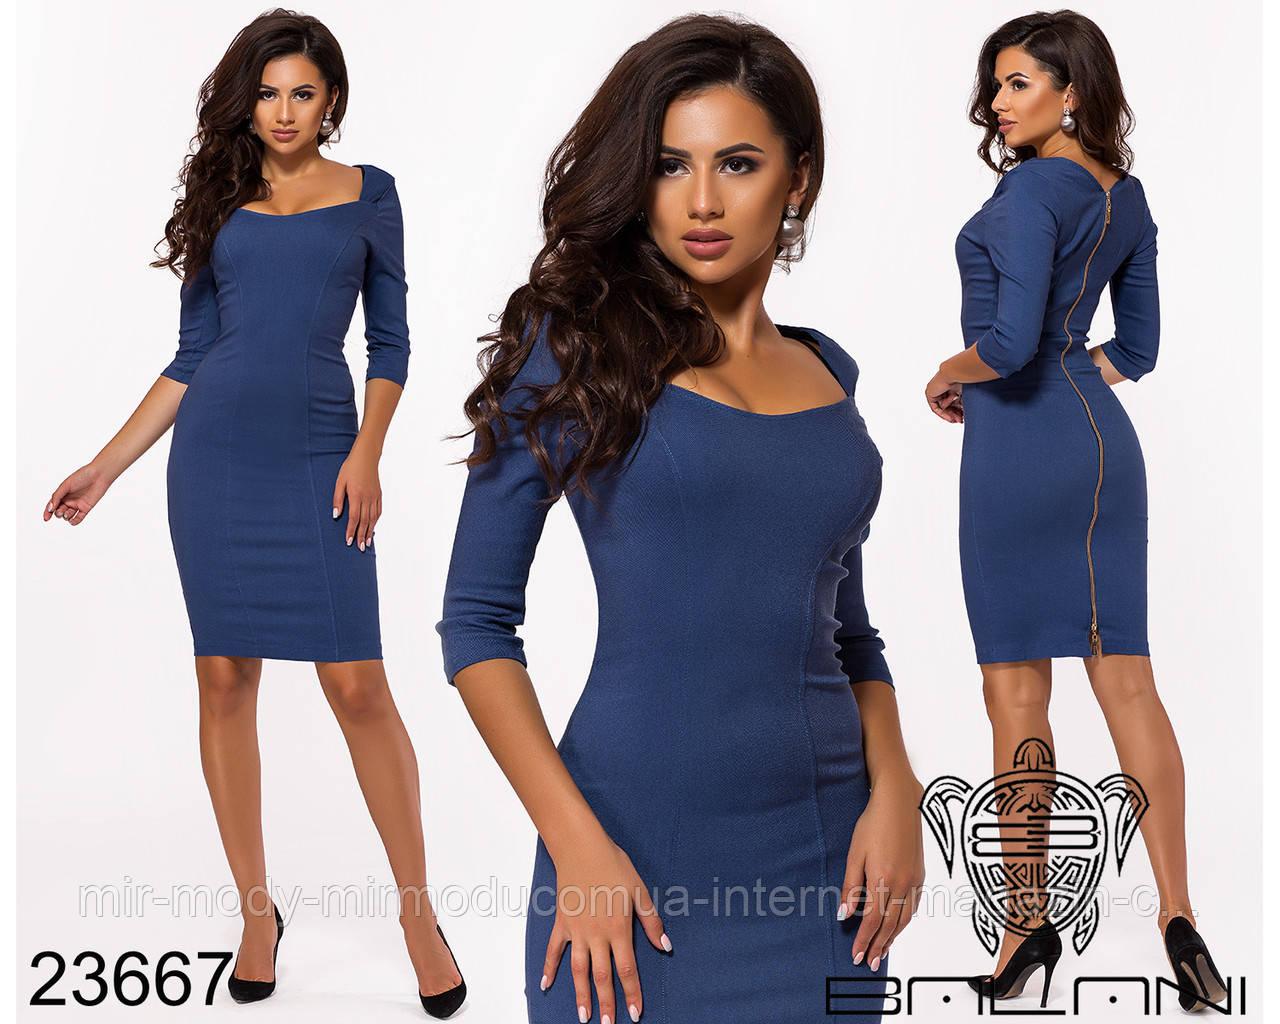 Платье - 23667 стрейч-джинс 42 по48 размер(бн)